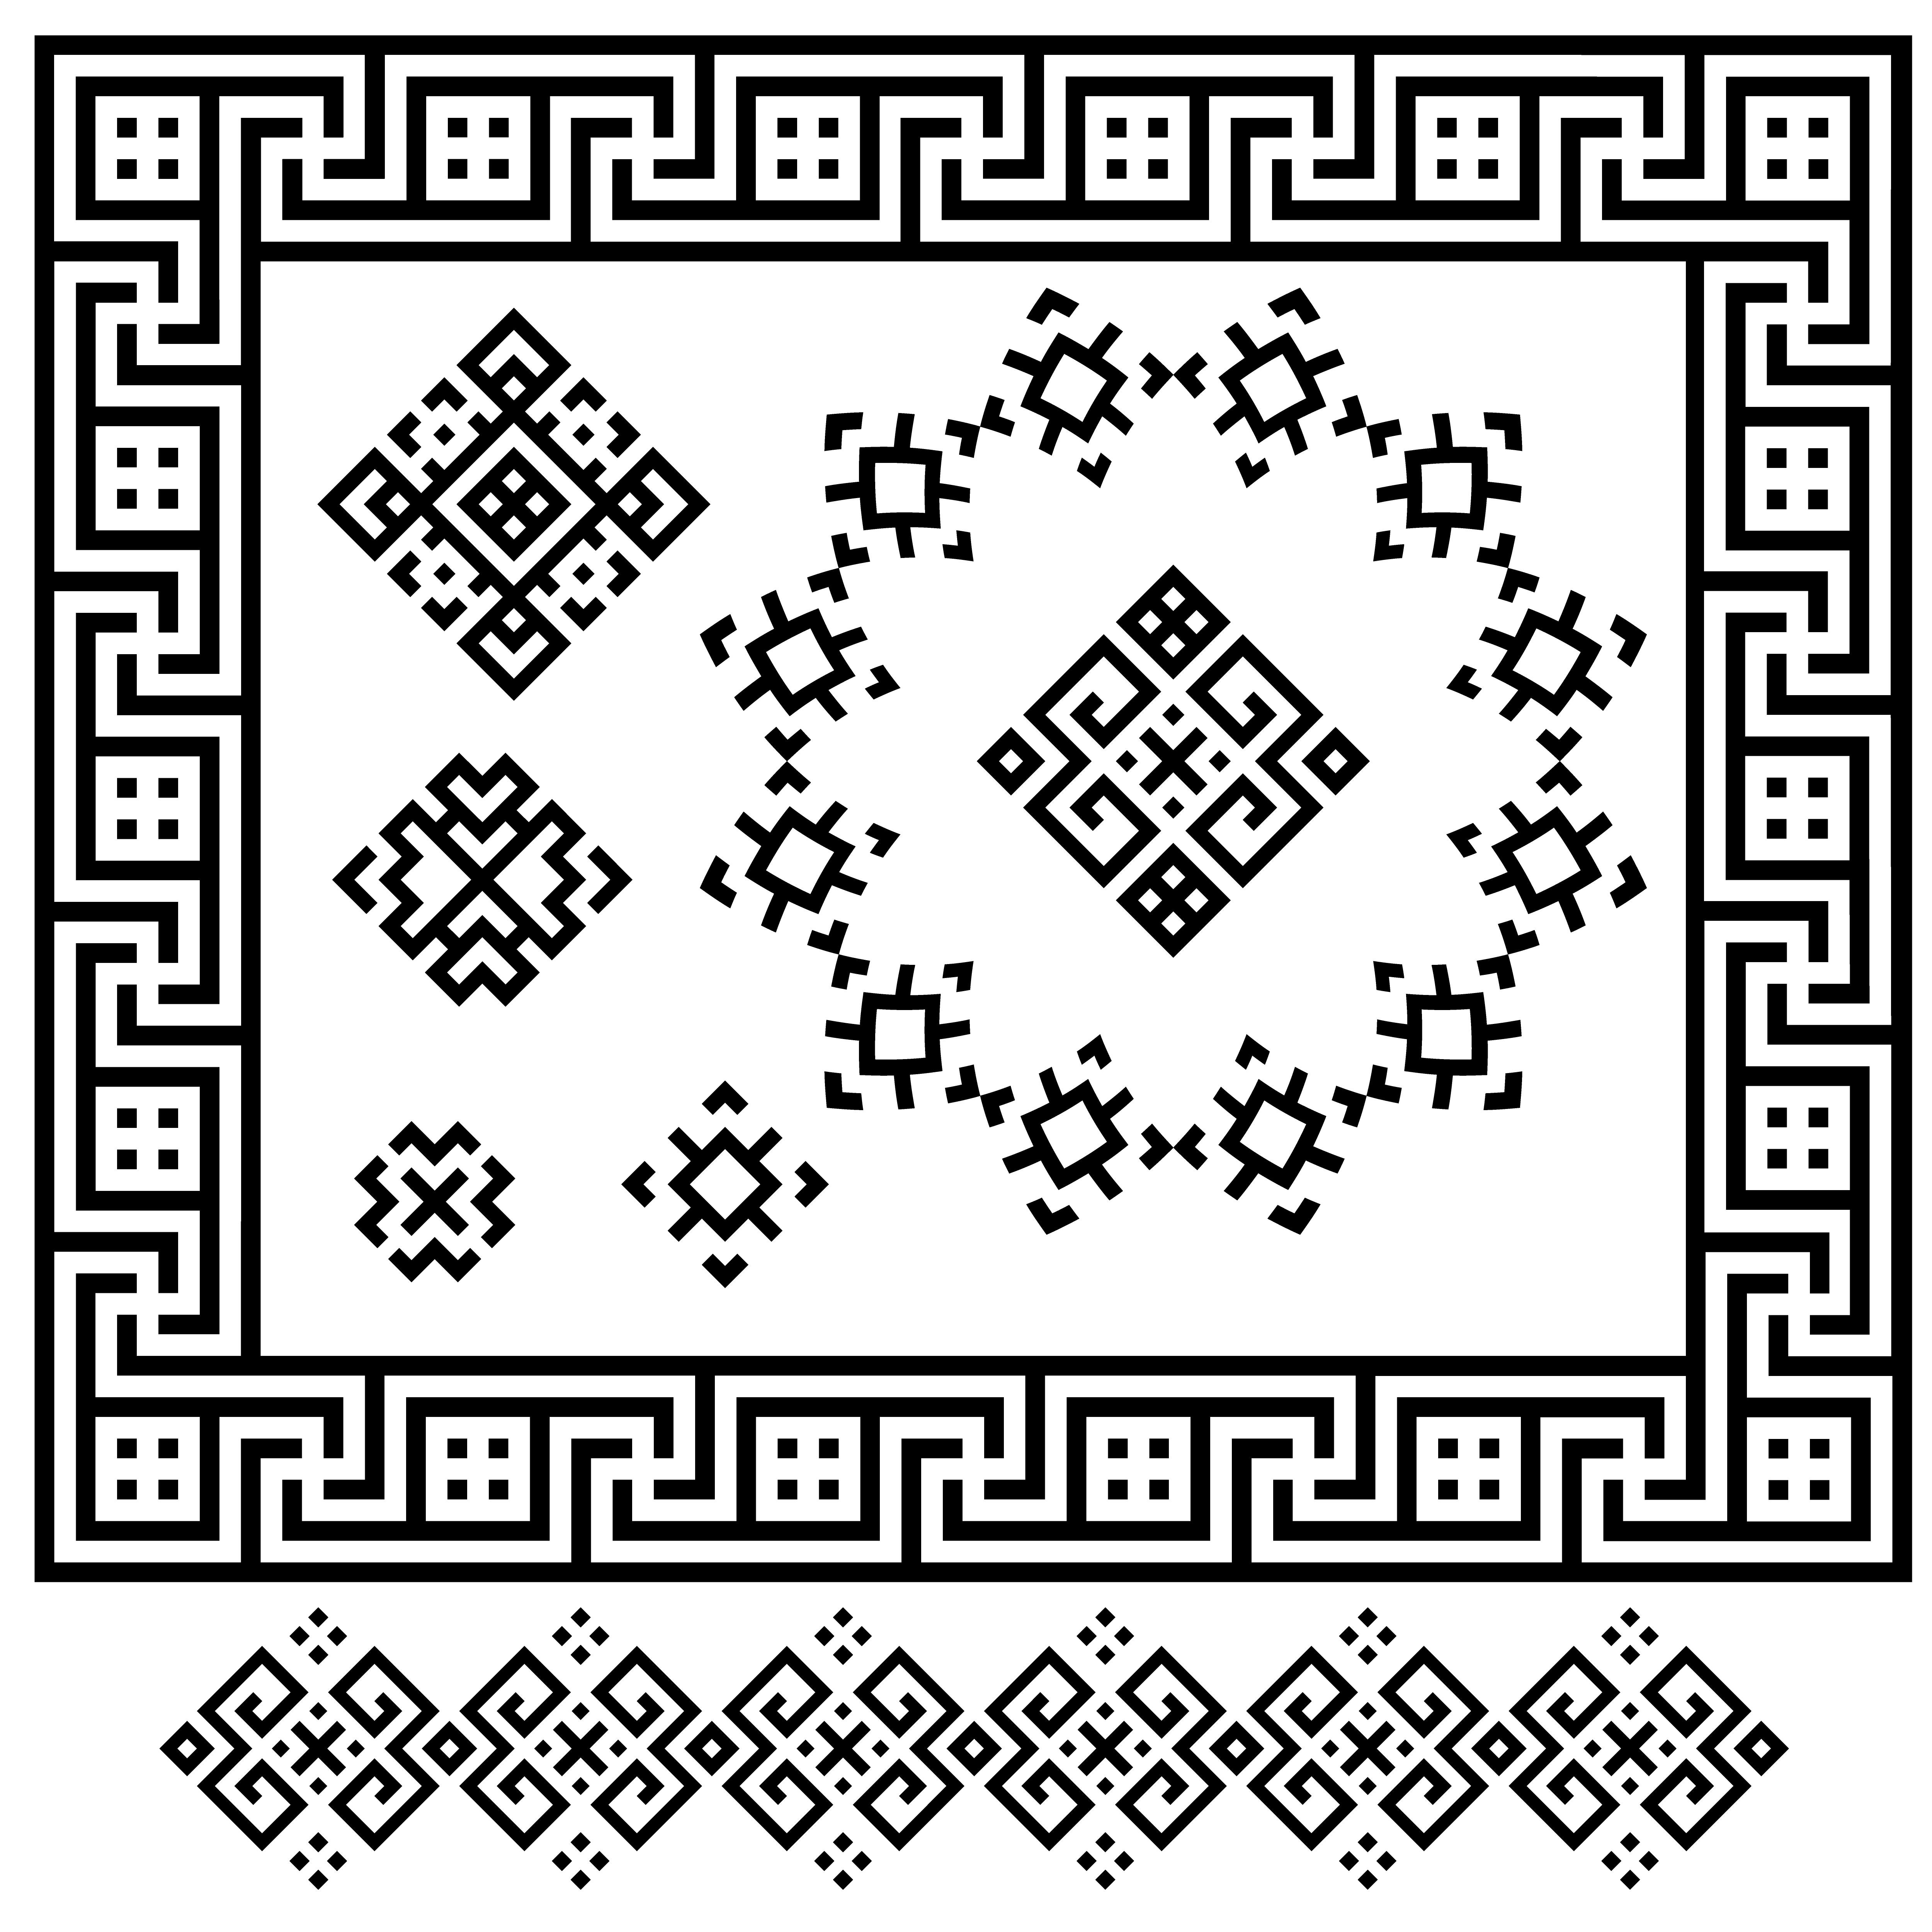 Disegni Geometrici Bianco E Nero una serie di disegni geometrici in bianco e nero. segni